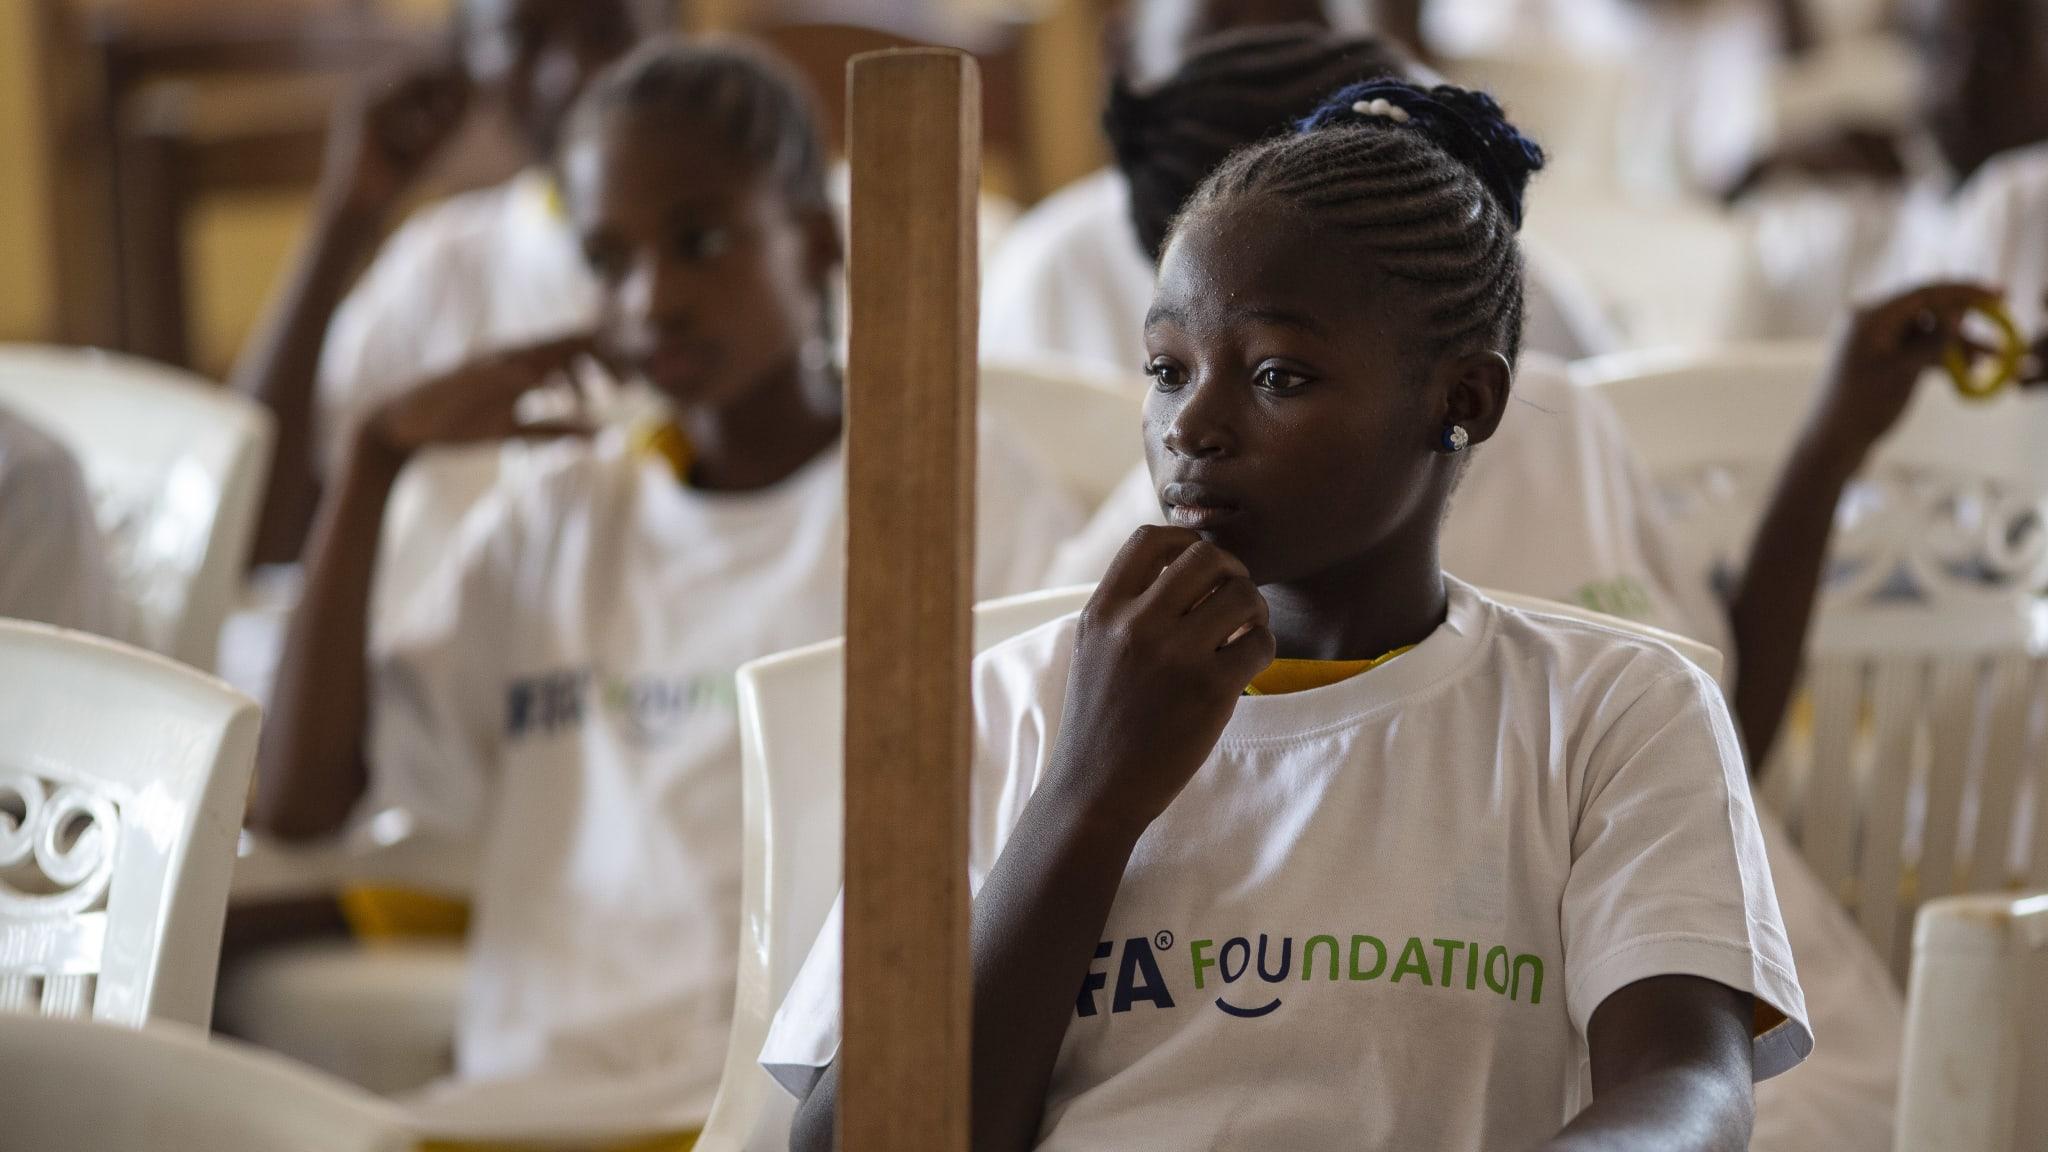 Quiénes somos - Noticias - La Fundación FIFA llama a utilizar la tecnología para apoyar las necesidades educativas de la niñez